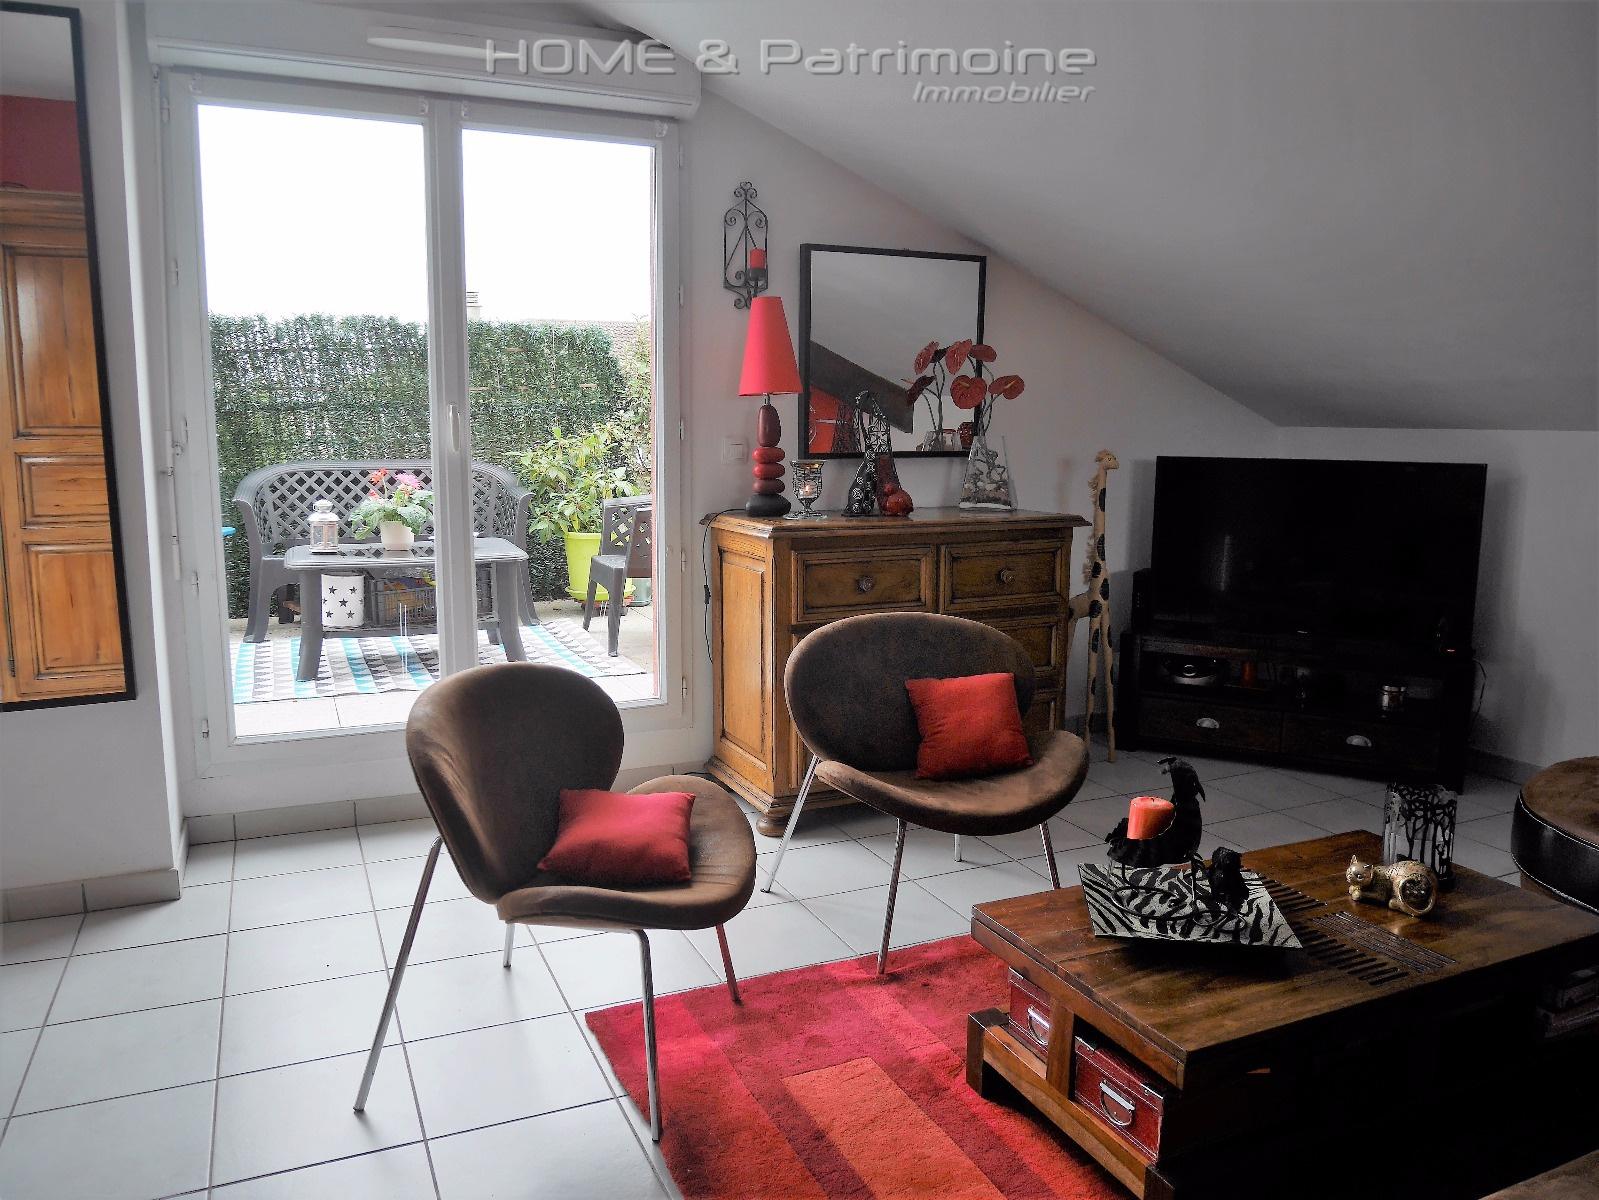 achat immobilier thonon les bains sciez douvaine evian et leurs environs. Black Bedroom Furniture Sets. Home Design Ideas